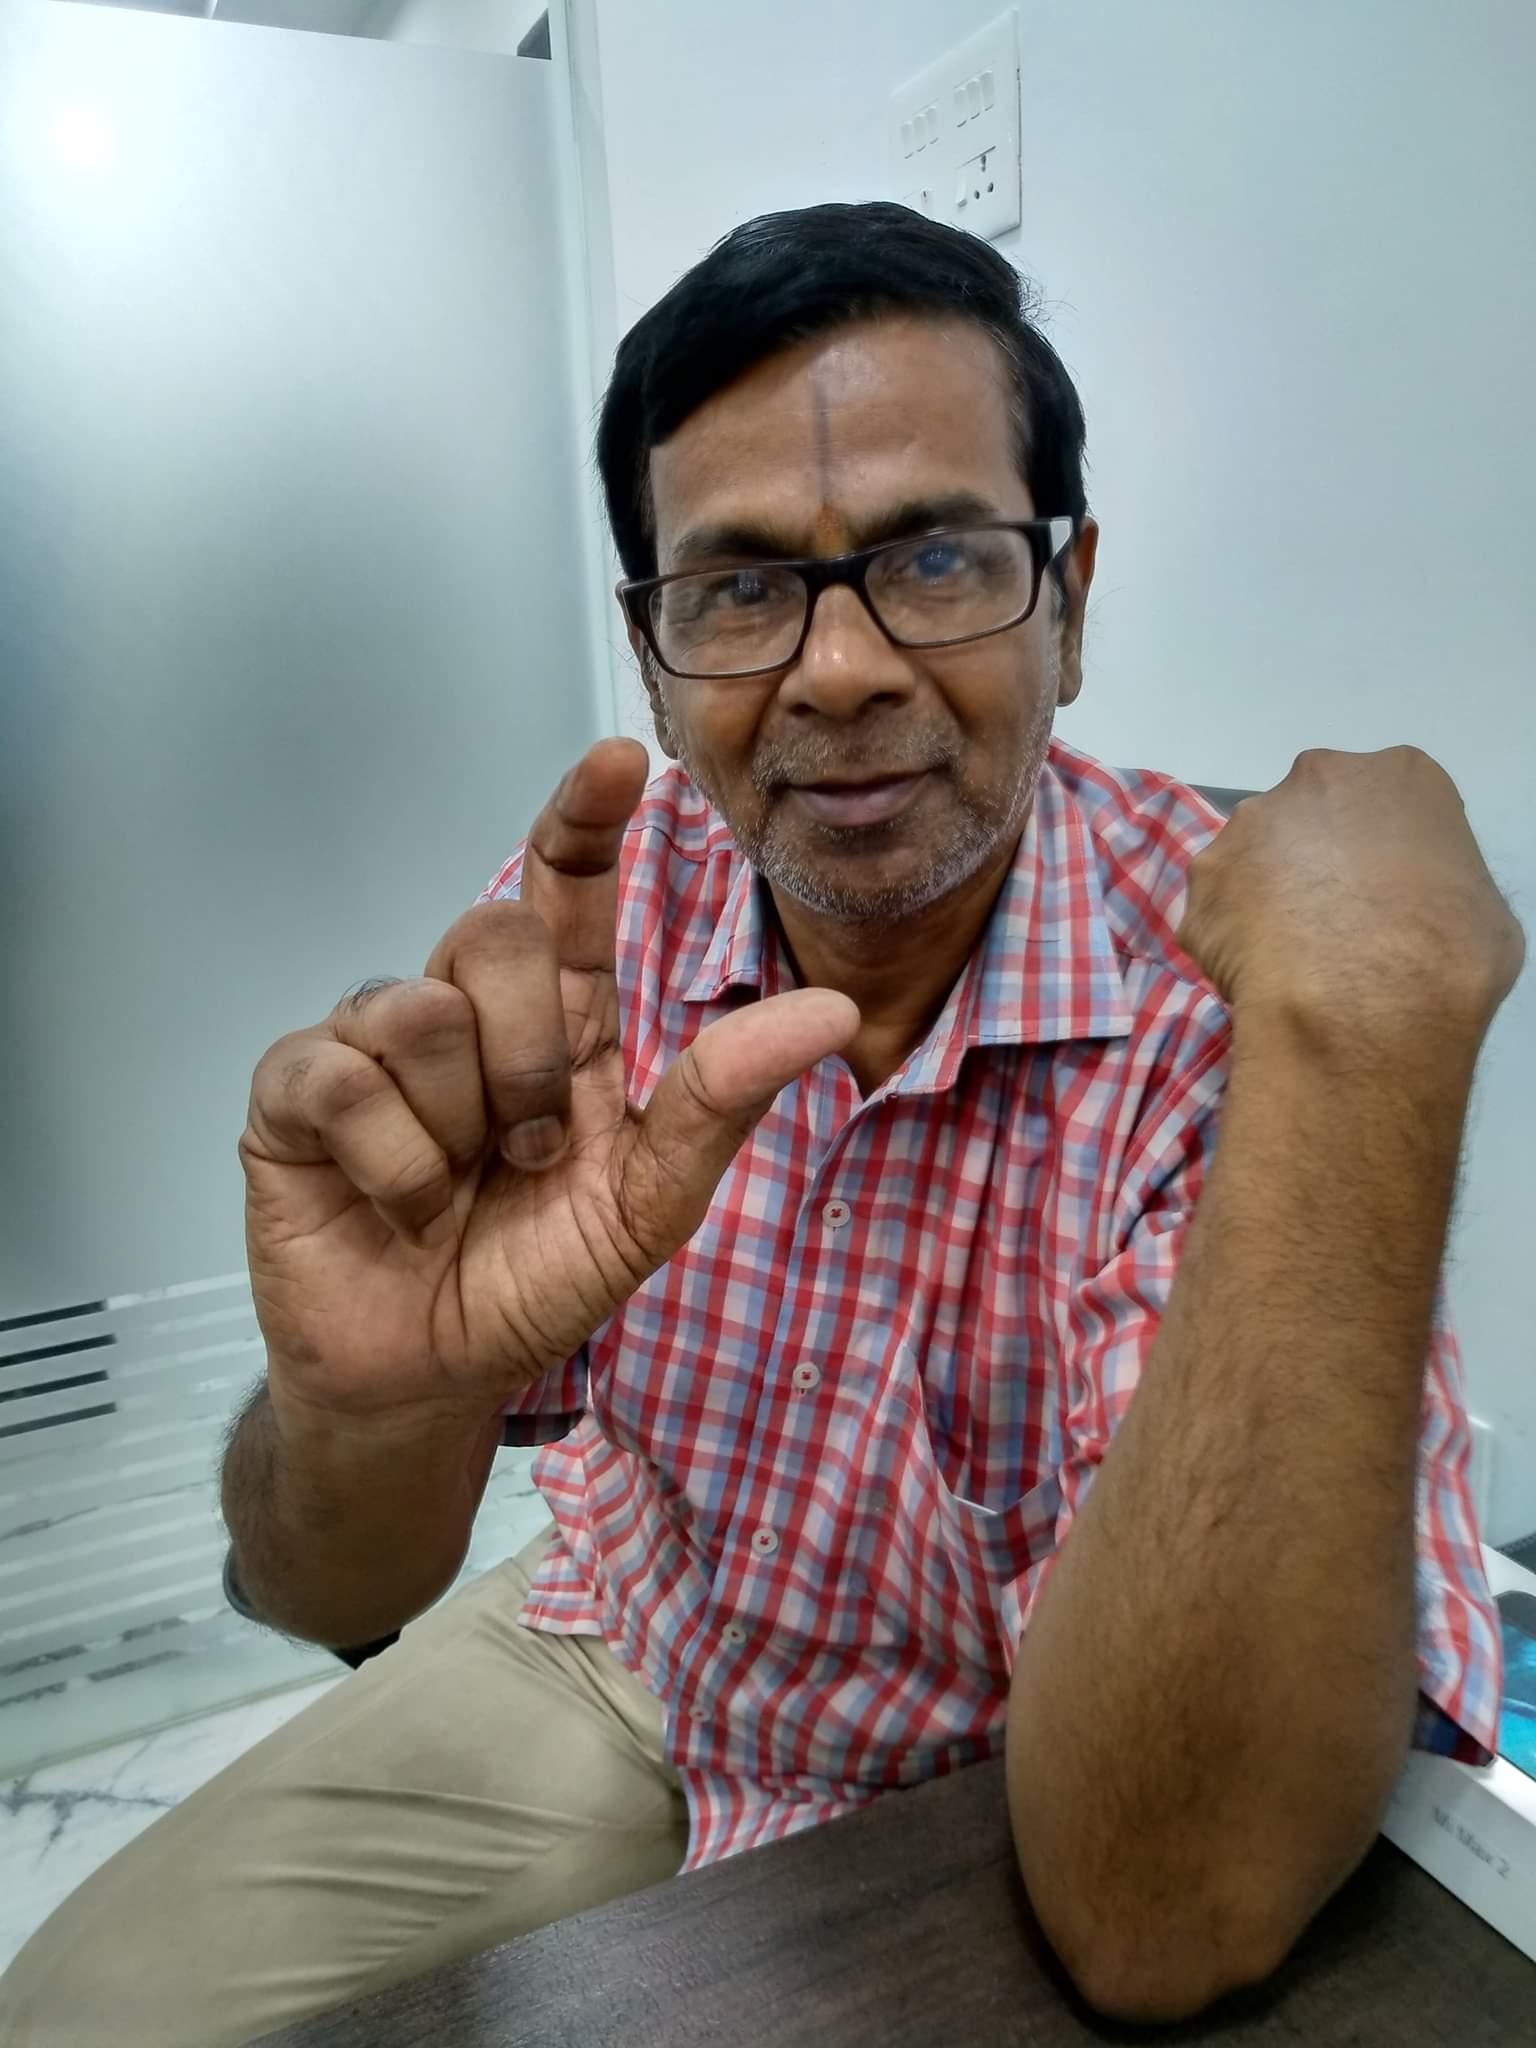 மூத்த பத்திரிகையாளர் திரு.மேஜர்தாசன் அவர்களுக்கு அஞ்சலி..!!!